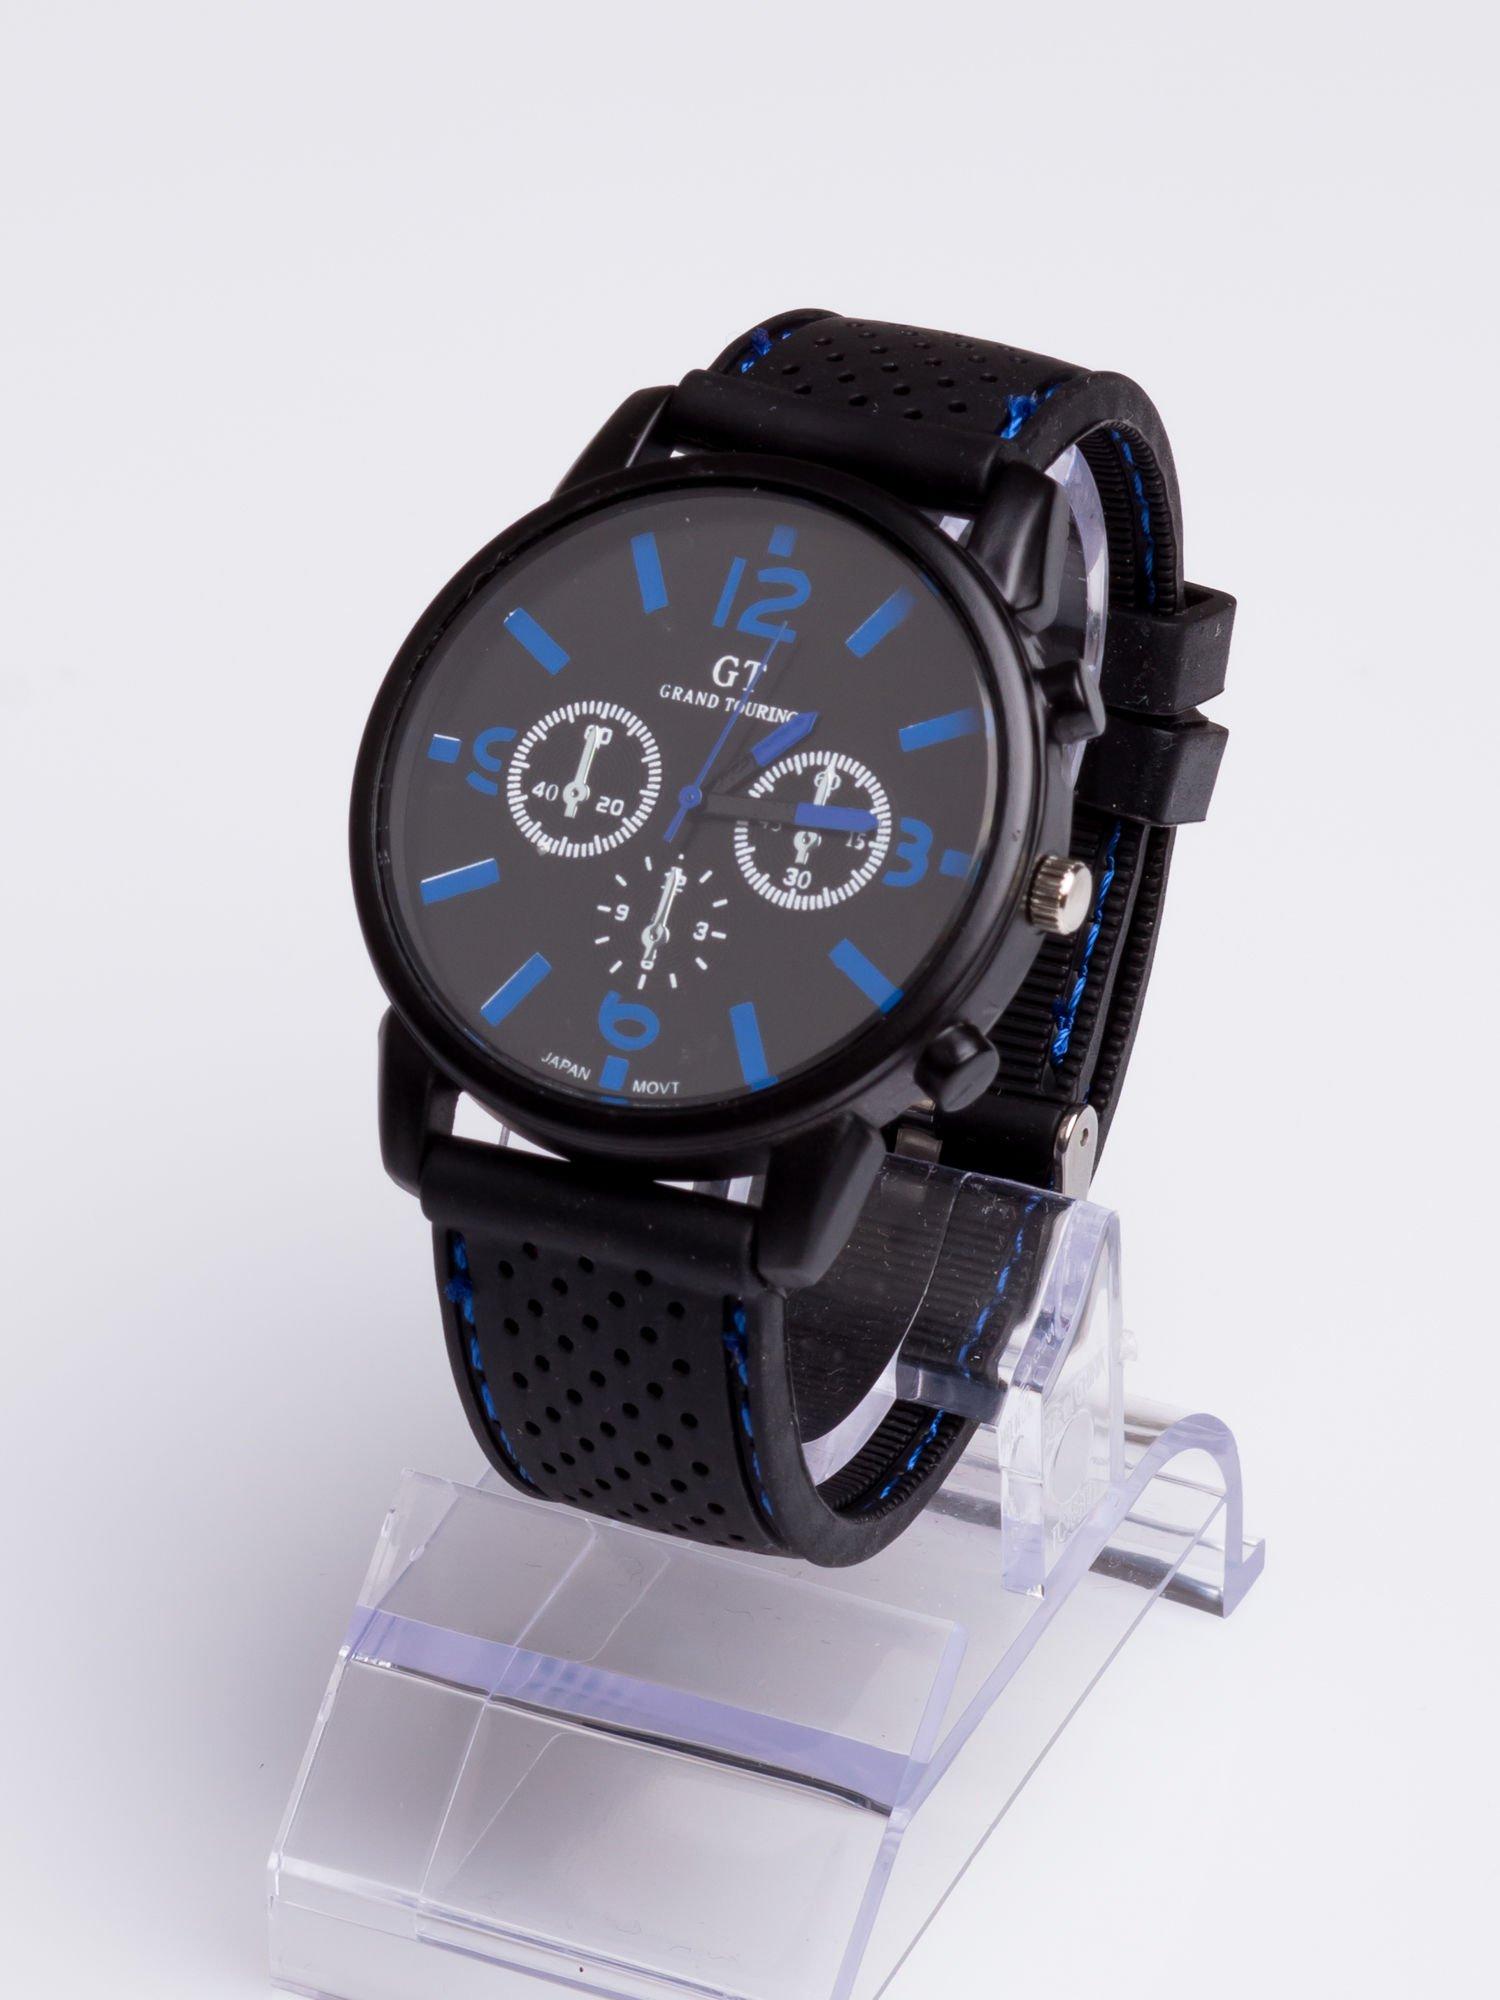 GT Świetny sportowy zegarek na wygodnym silikonowym pasku                                  zdj.                                  2